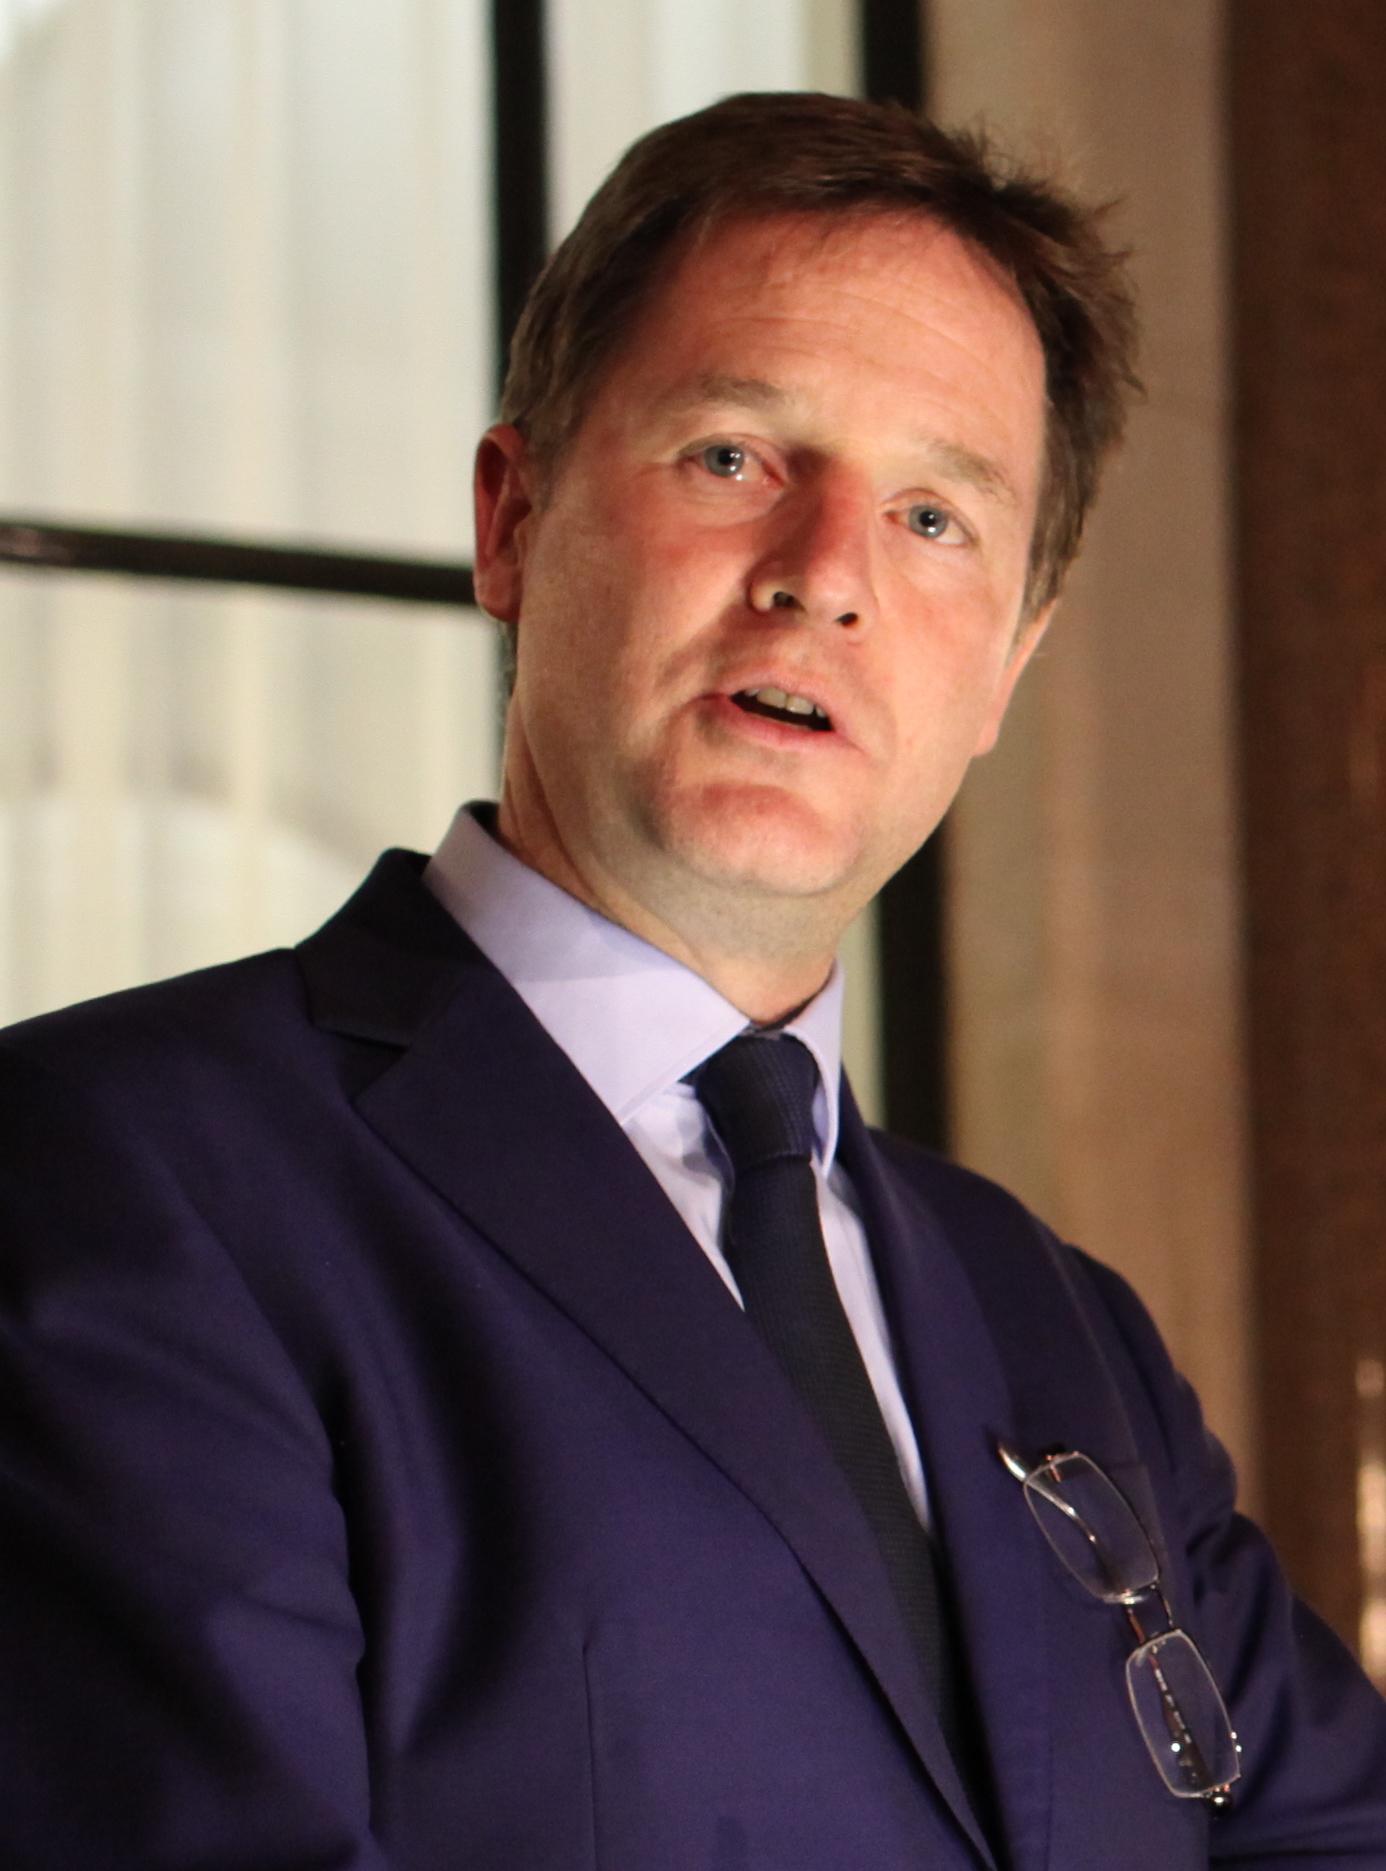 Nick Clegg photo #0